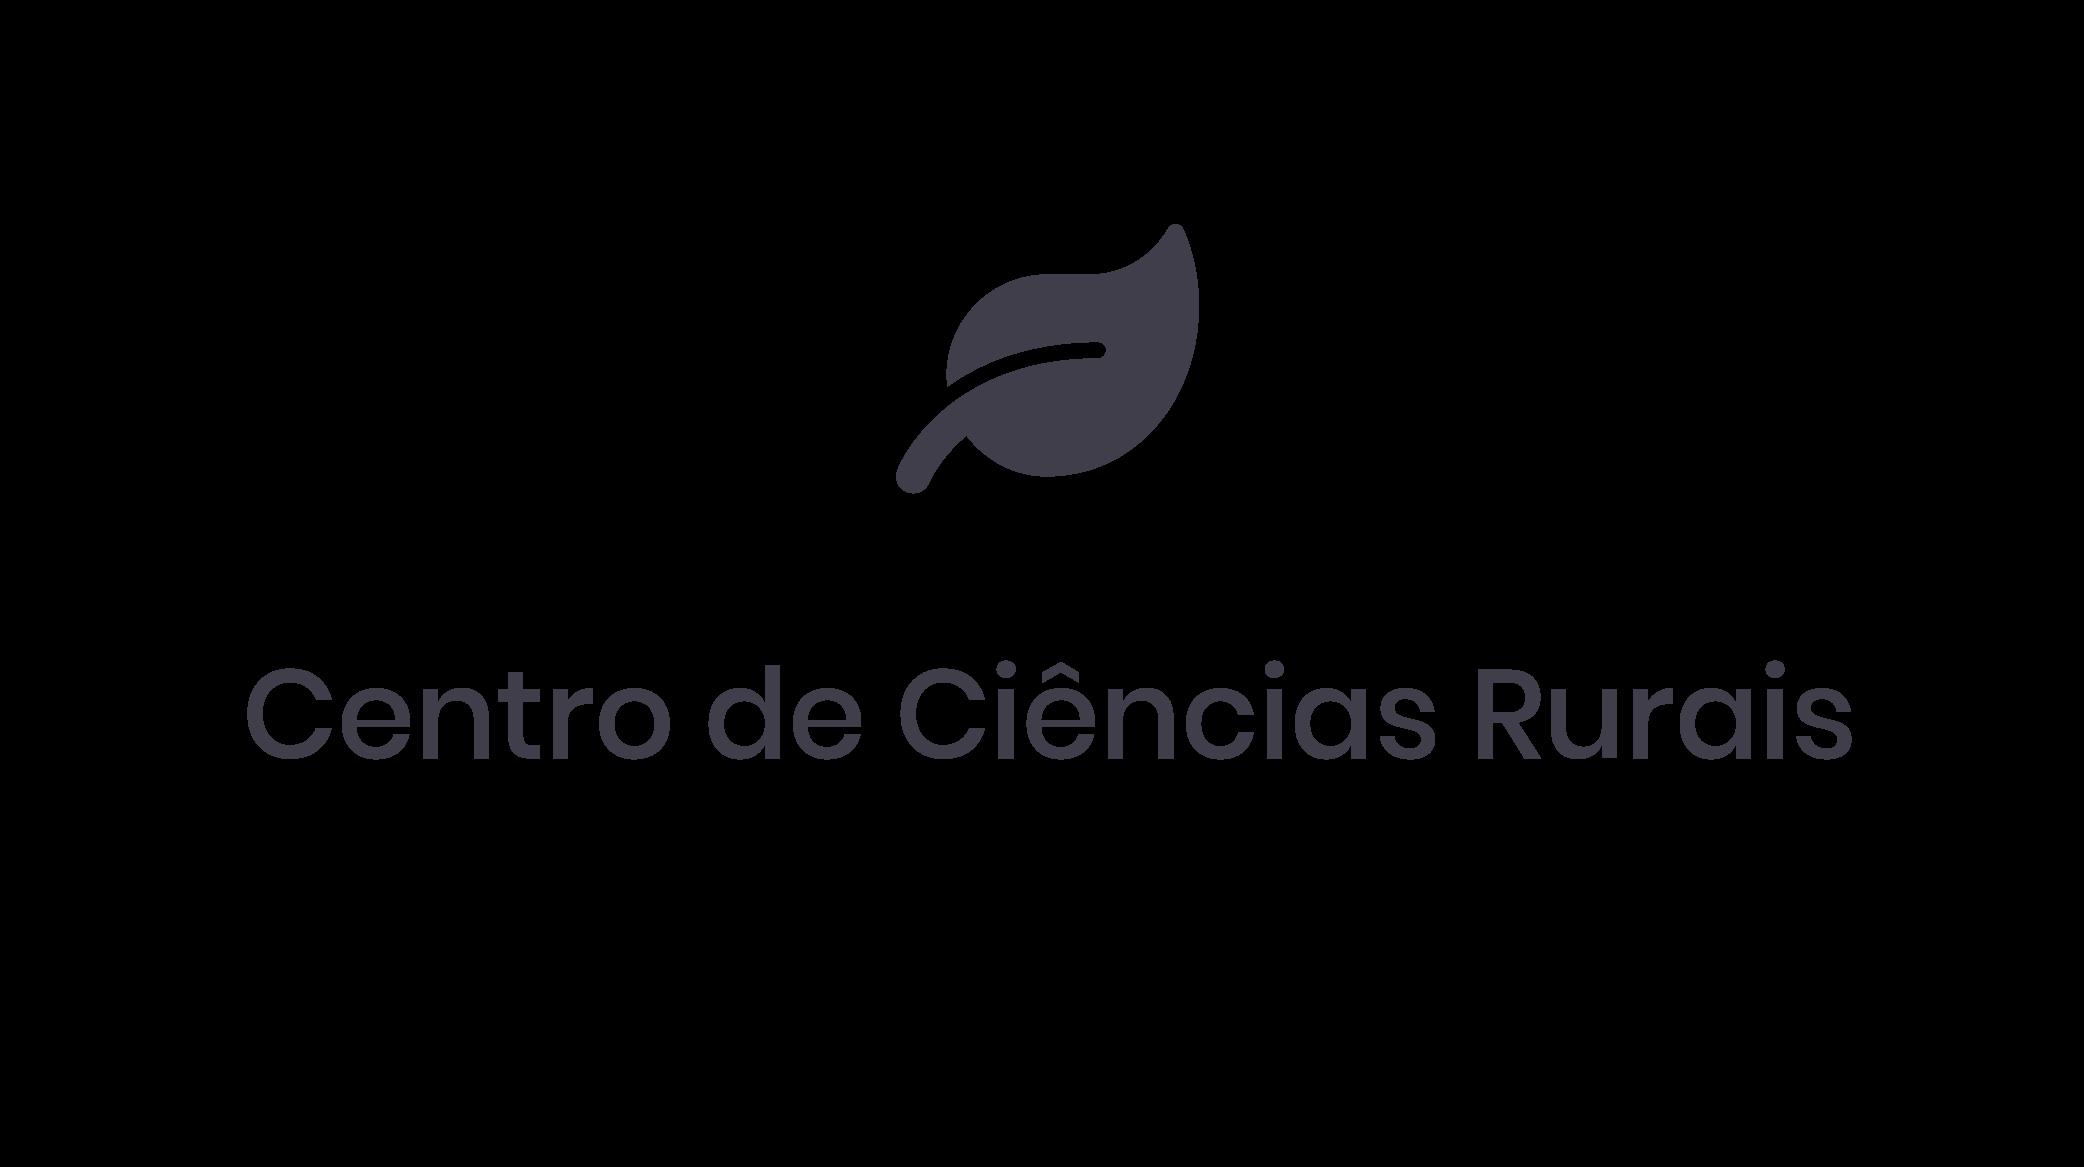 Centro de Ciências Rurais